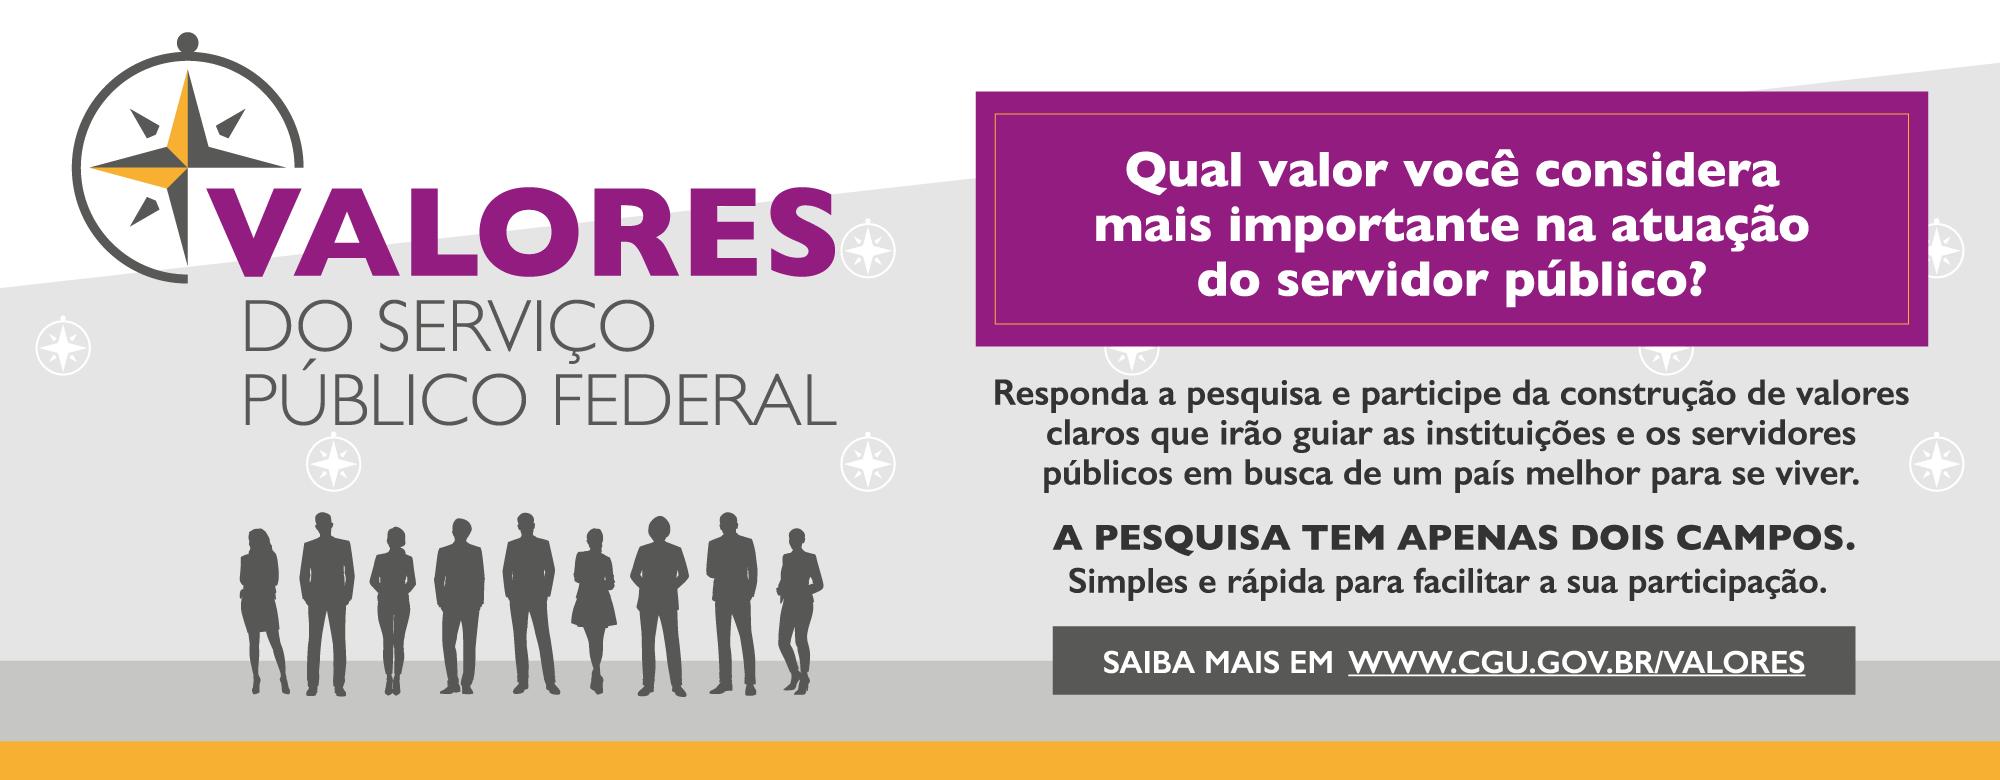 Participe da pesquisa Valores do Serviço Público Federal até dia 23 de outubro